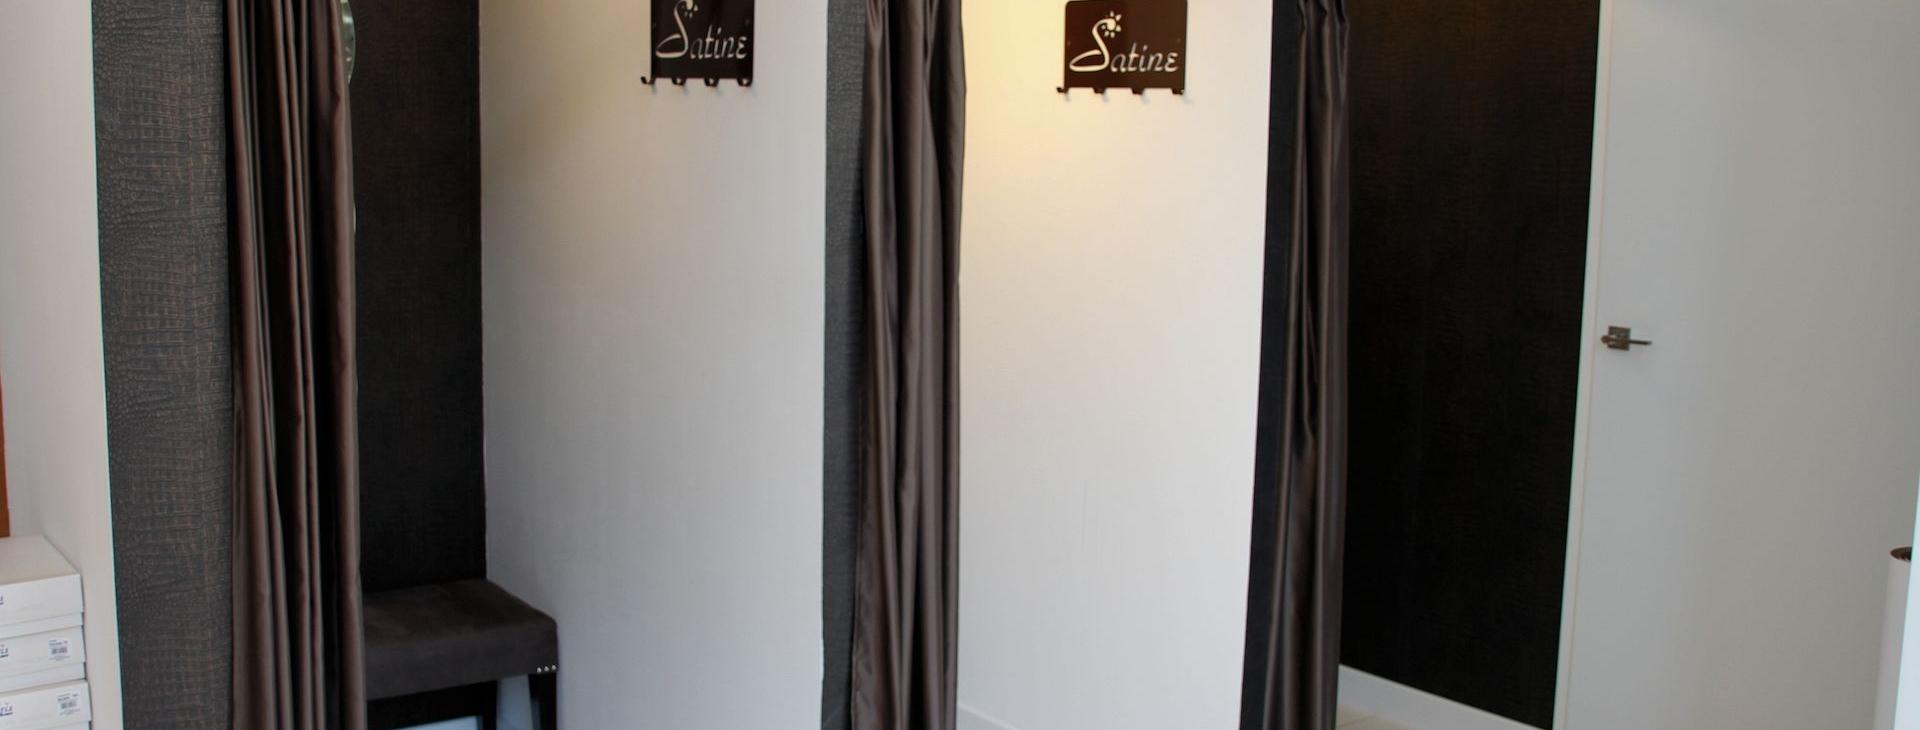 Sklep z bielizną - panele sklepowe